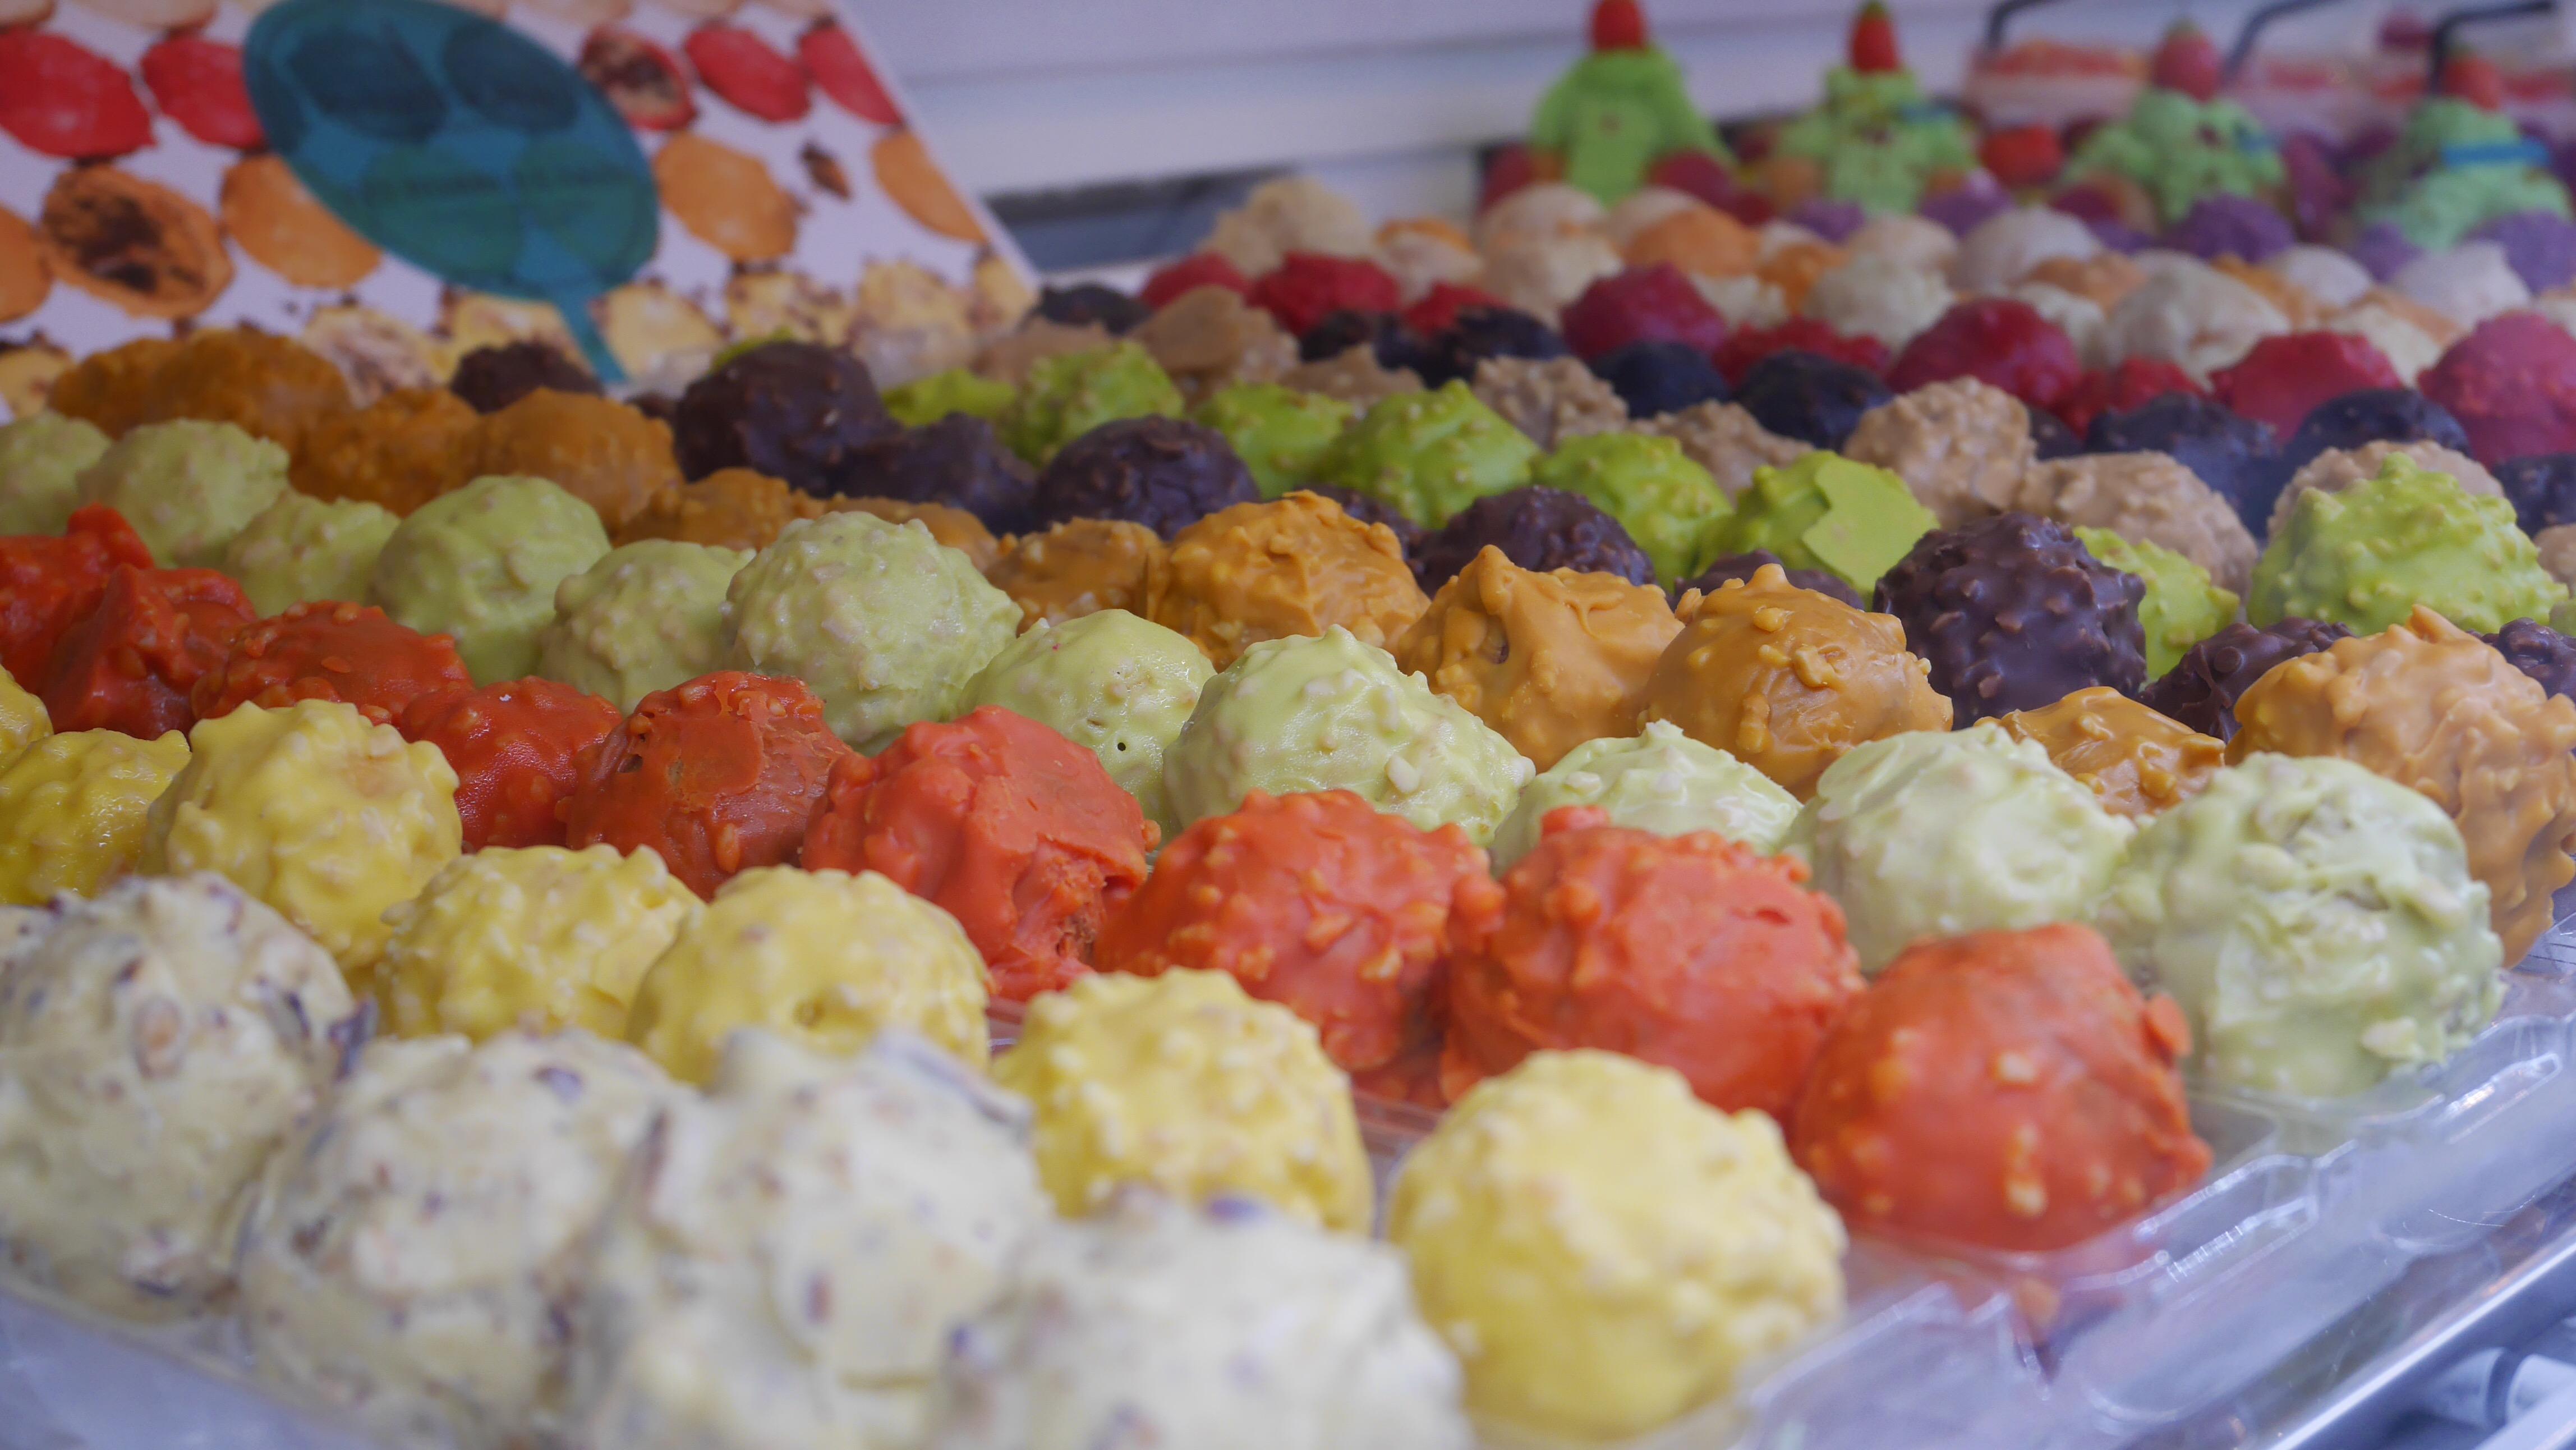 TheMouse sur YouTube: Vlog: inauguration de la pâtisserie-salon de thé INTUITIONS à Cannes… Miam!